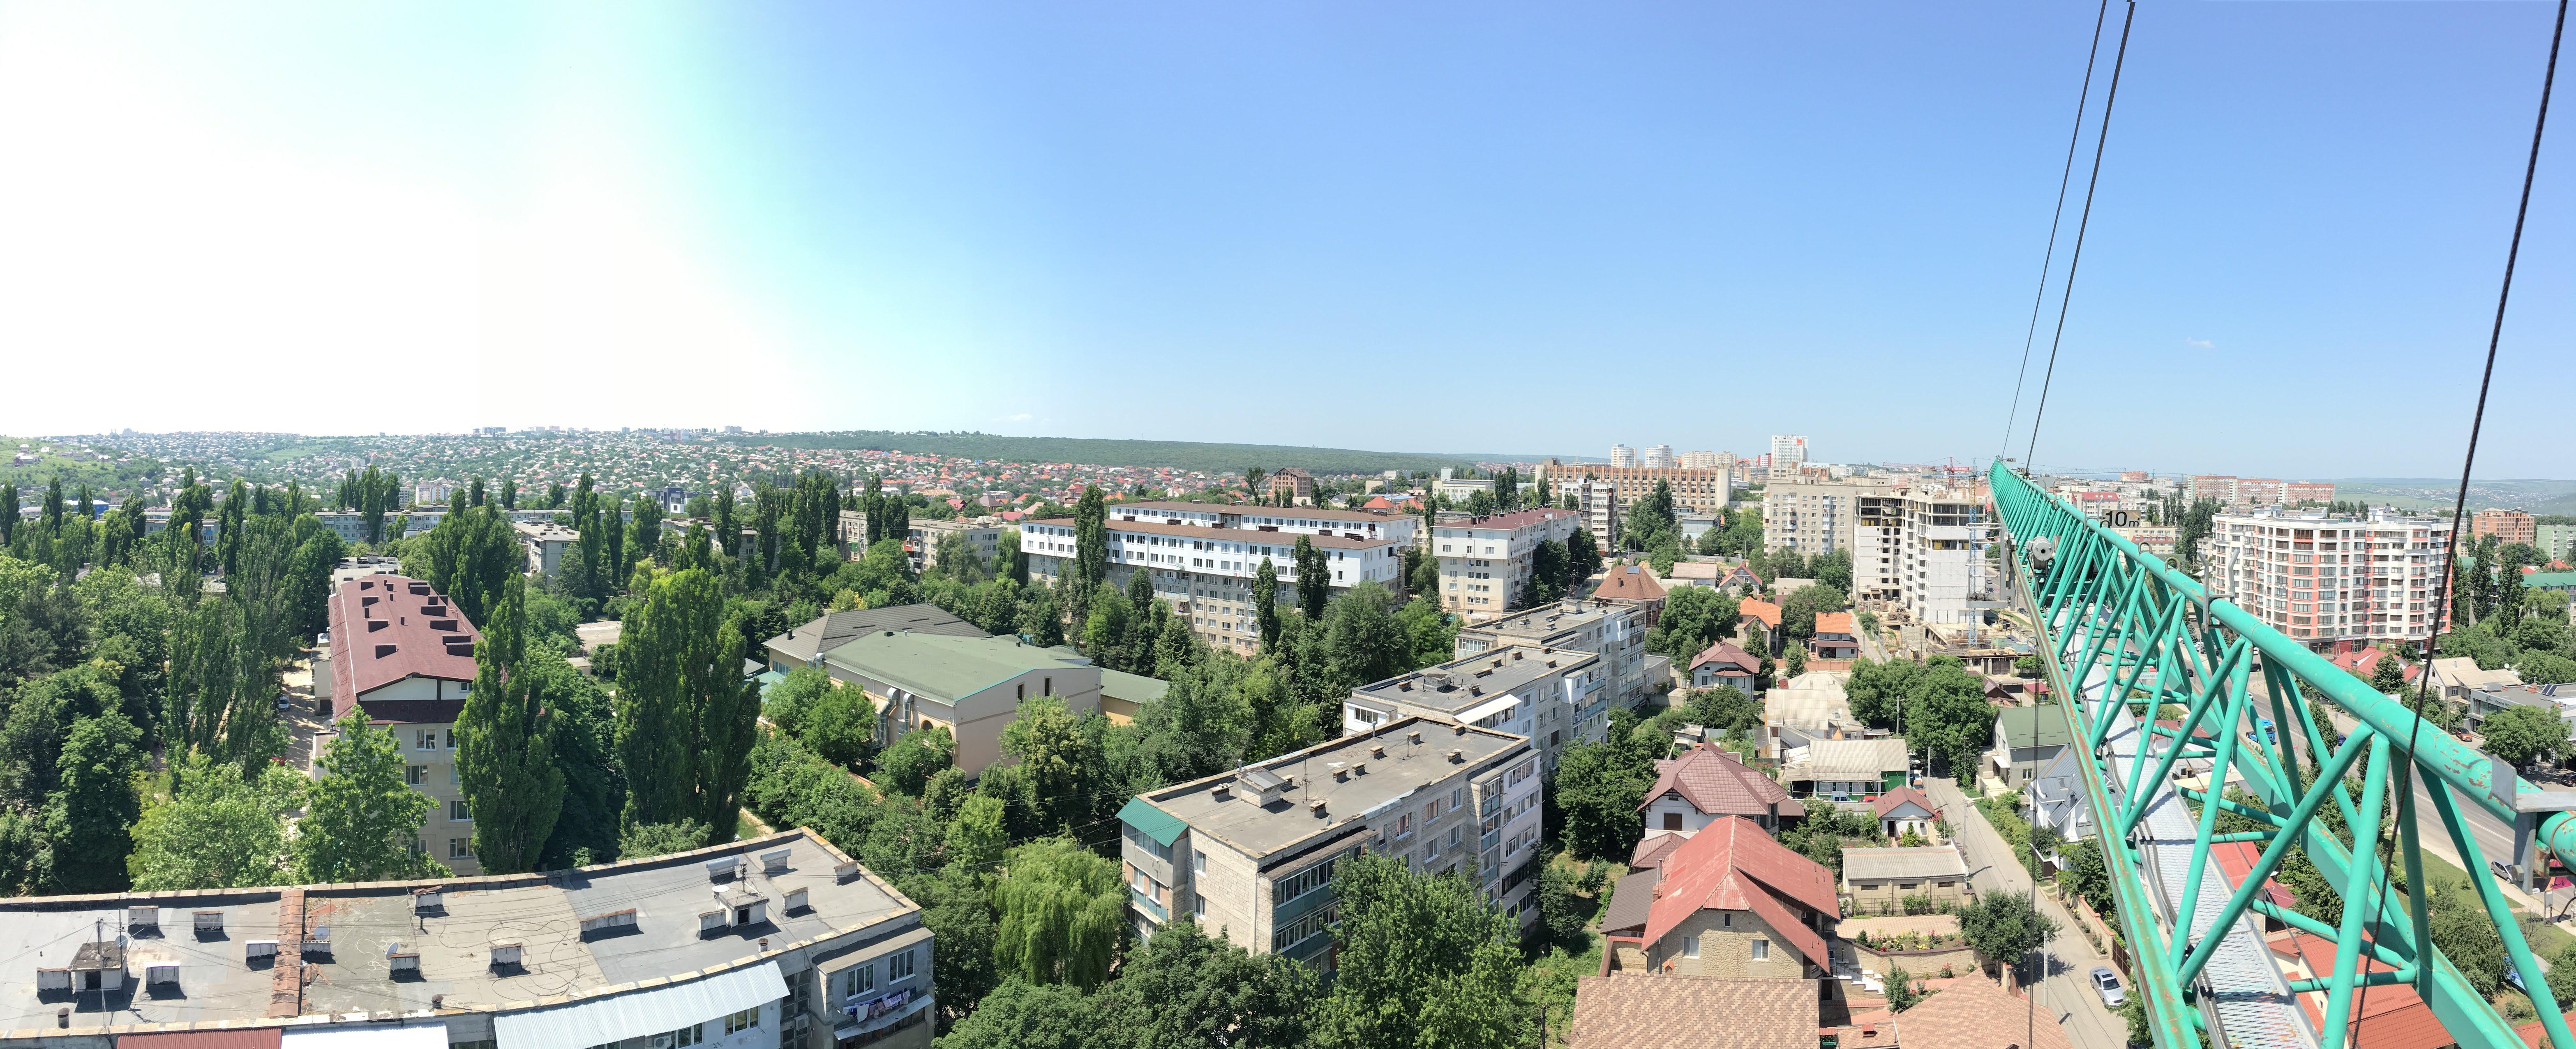 Жилой комплекс Алба-Юлия